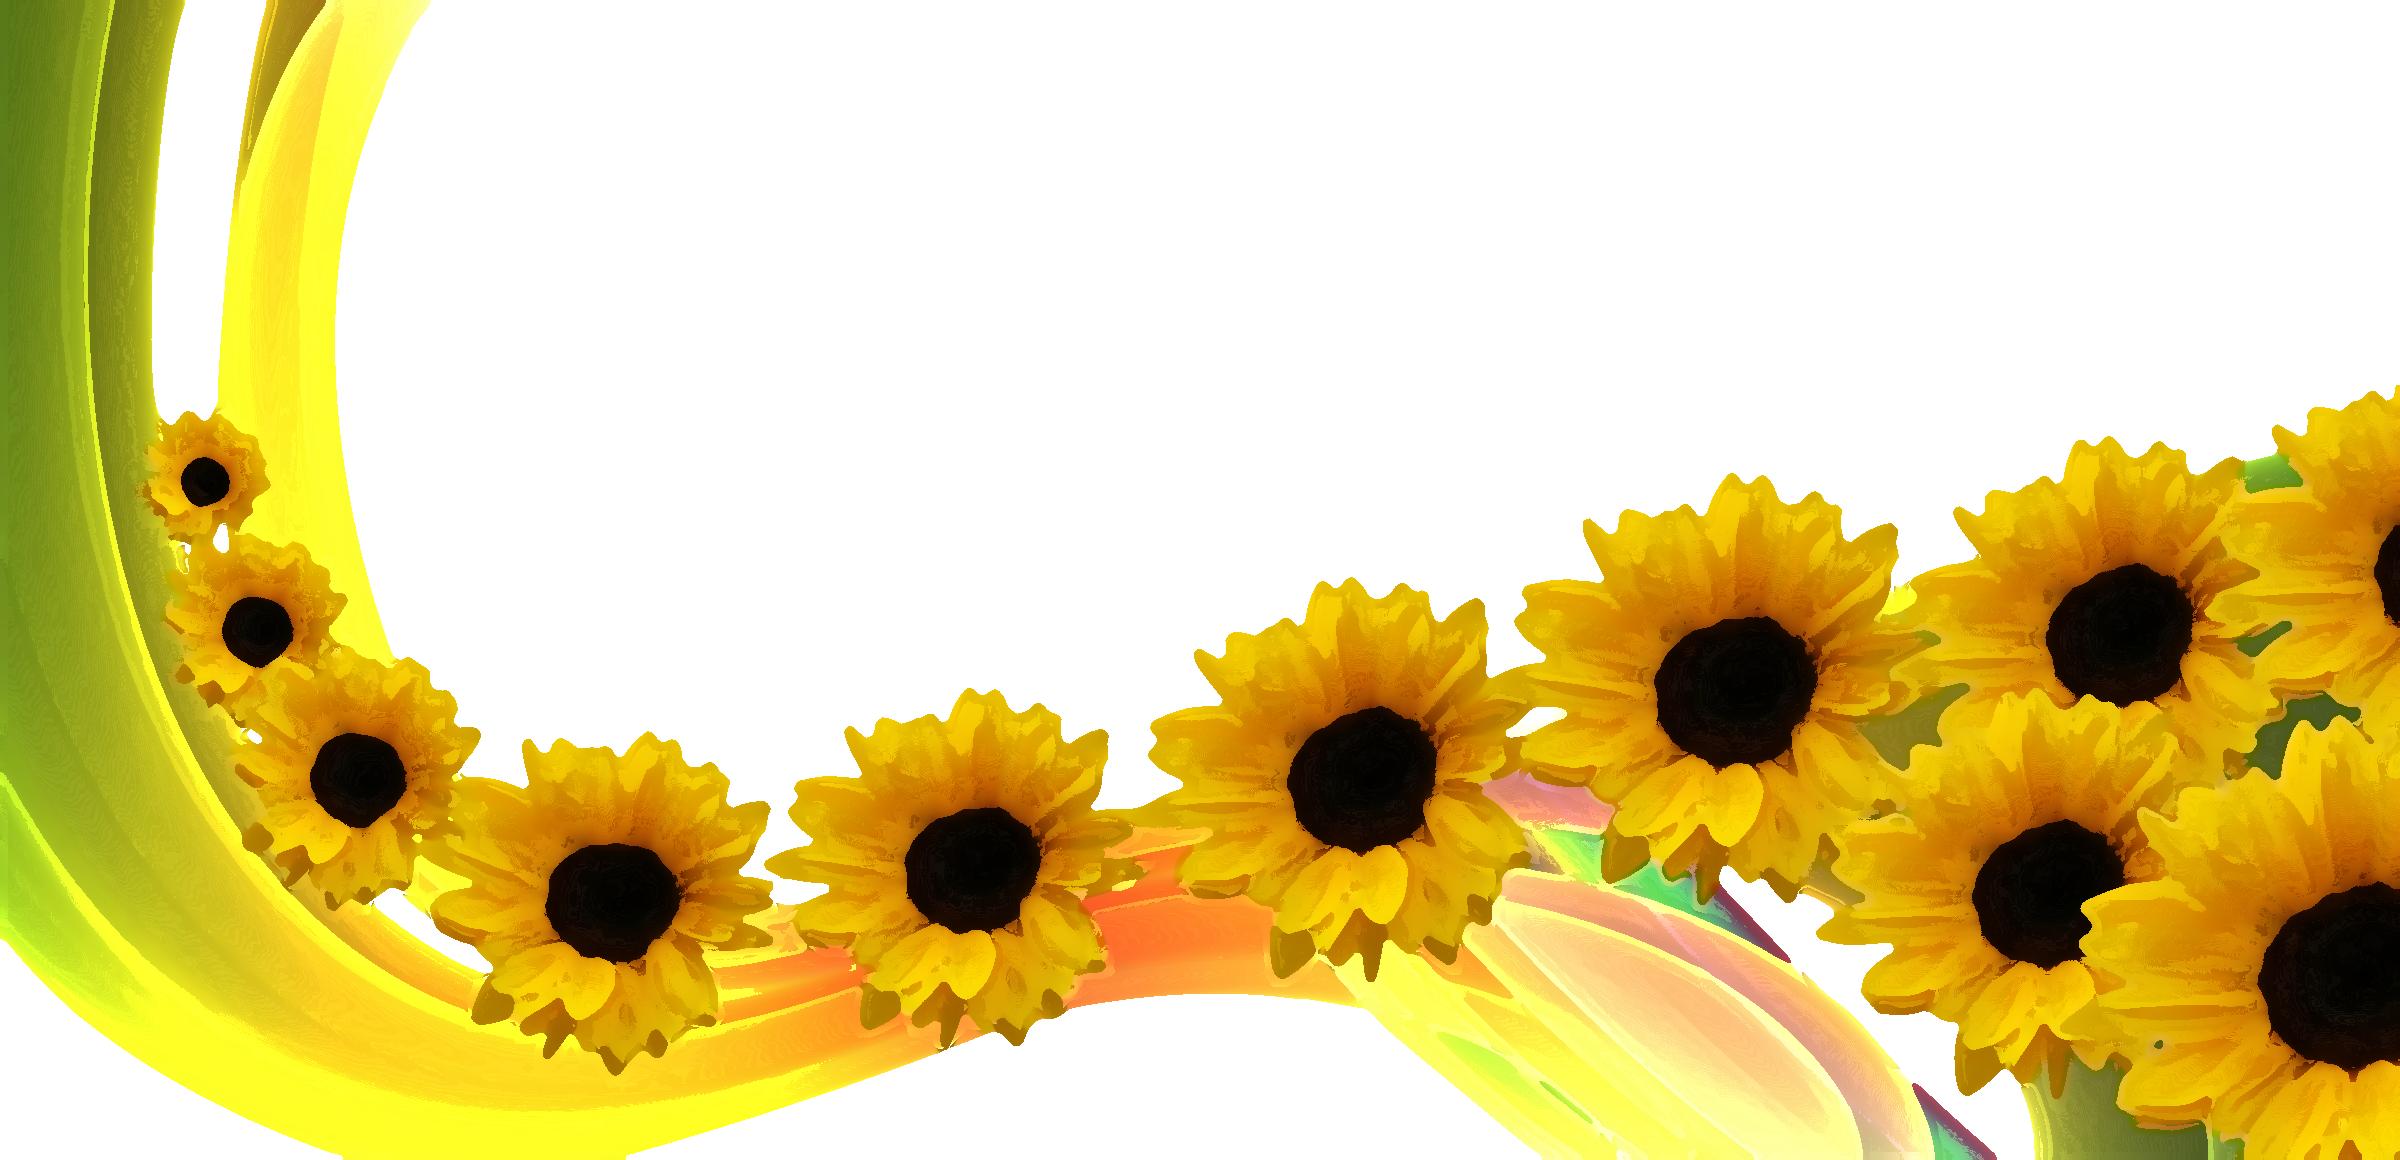 花のイラスト・フリー素材/壁紙・背景no.396『ひまわりライン・カラフル』